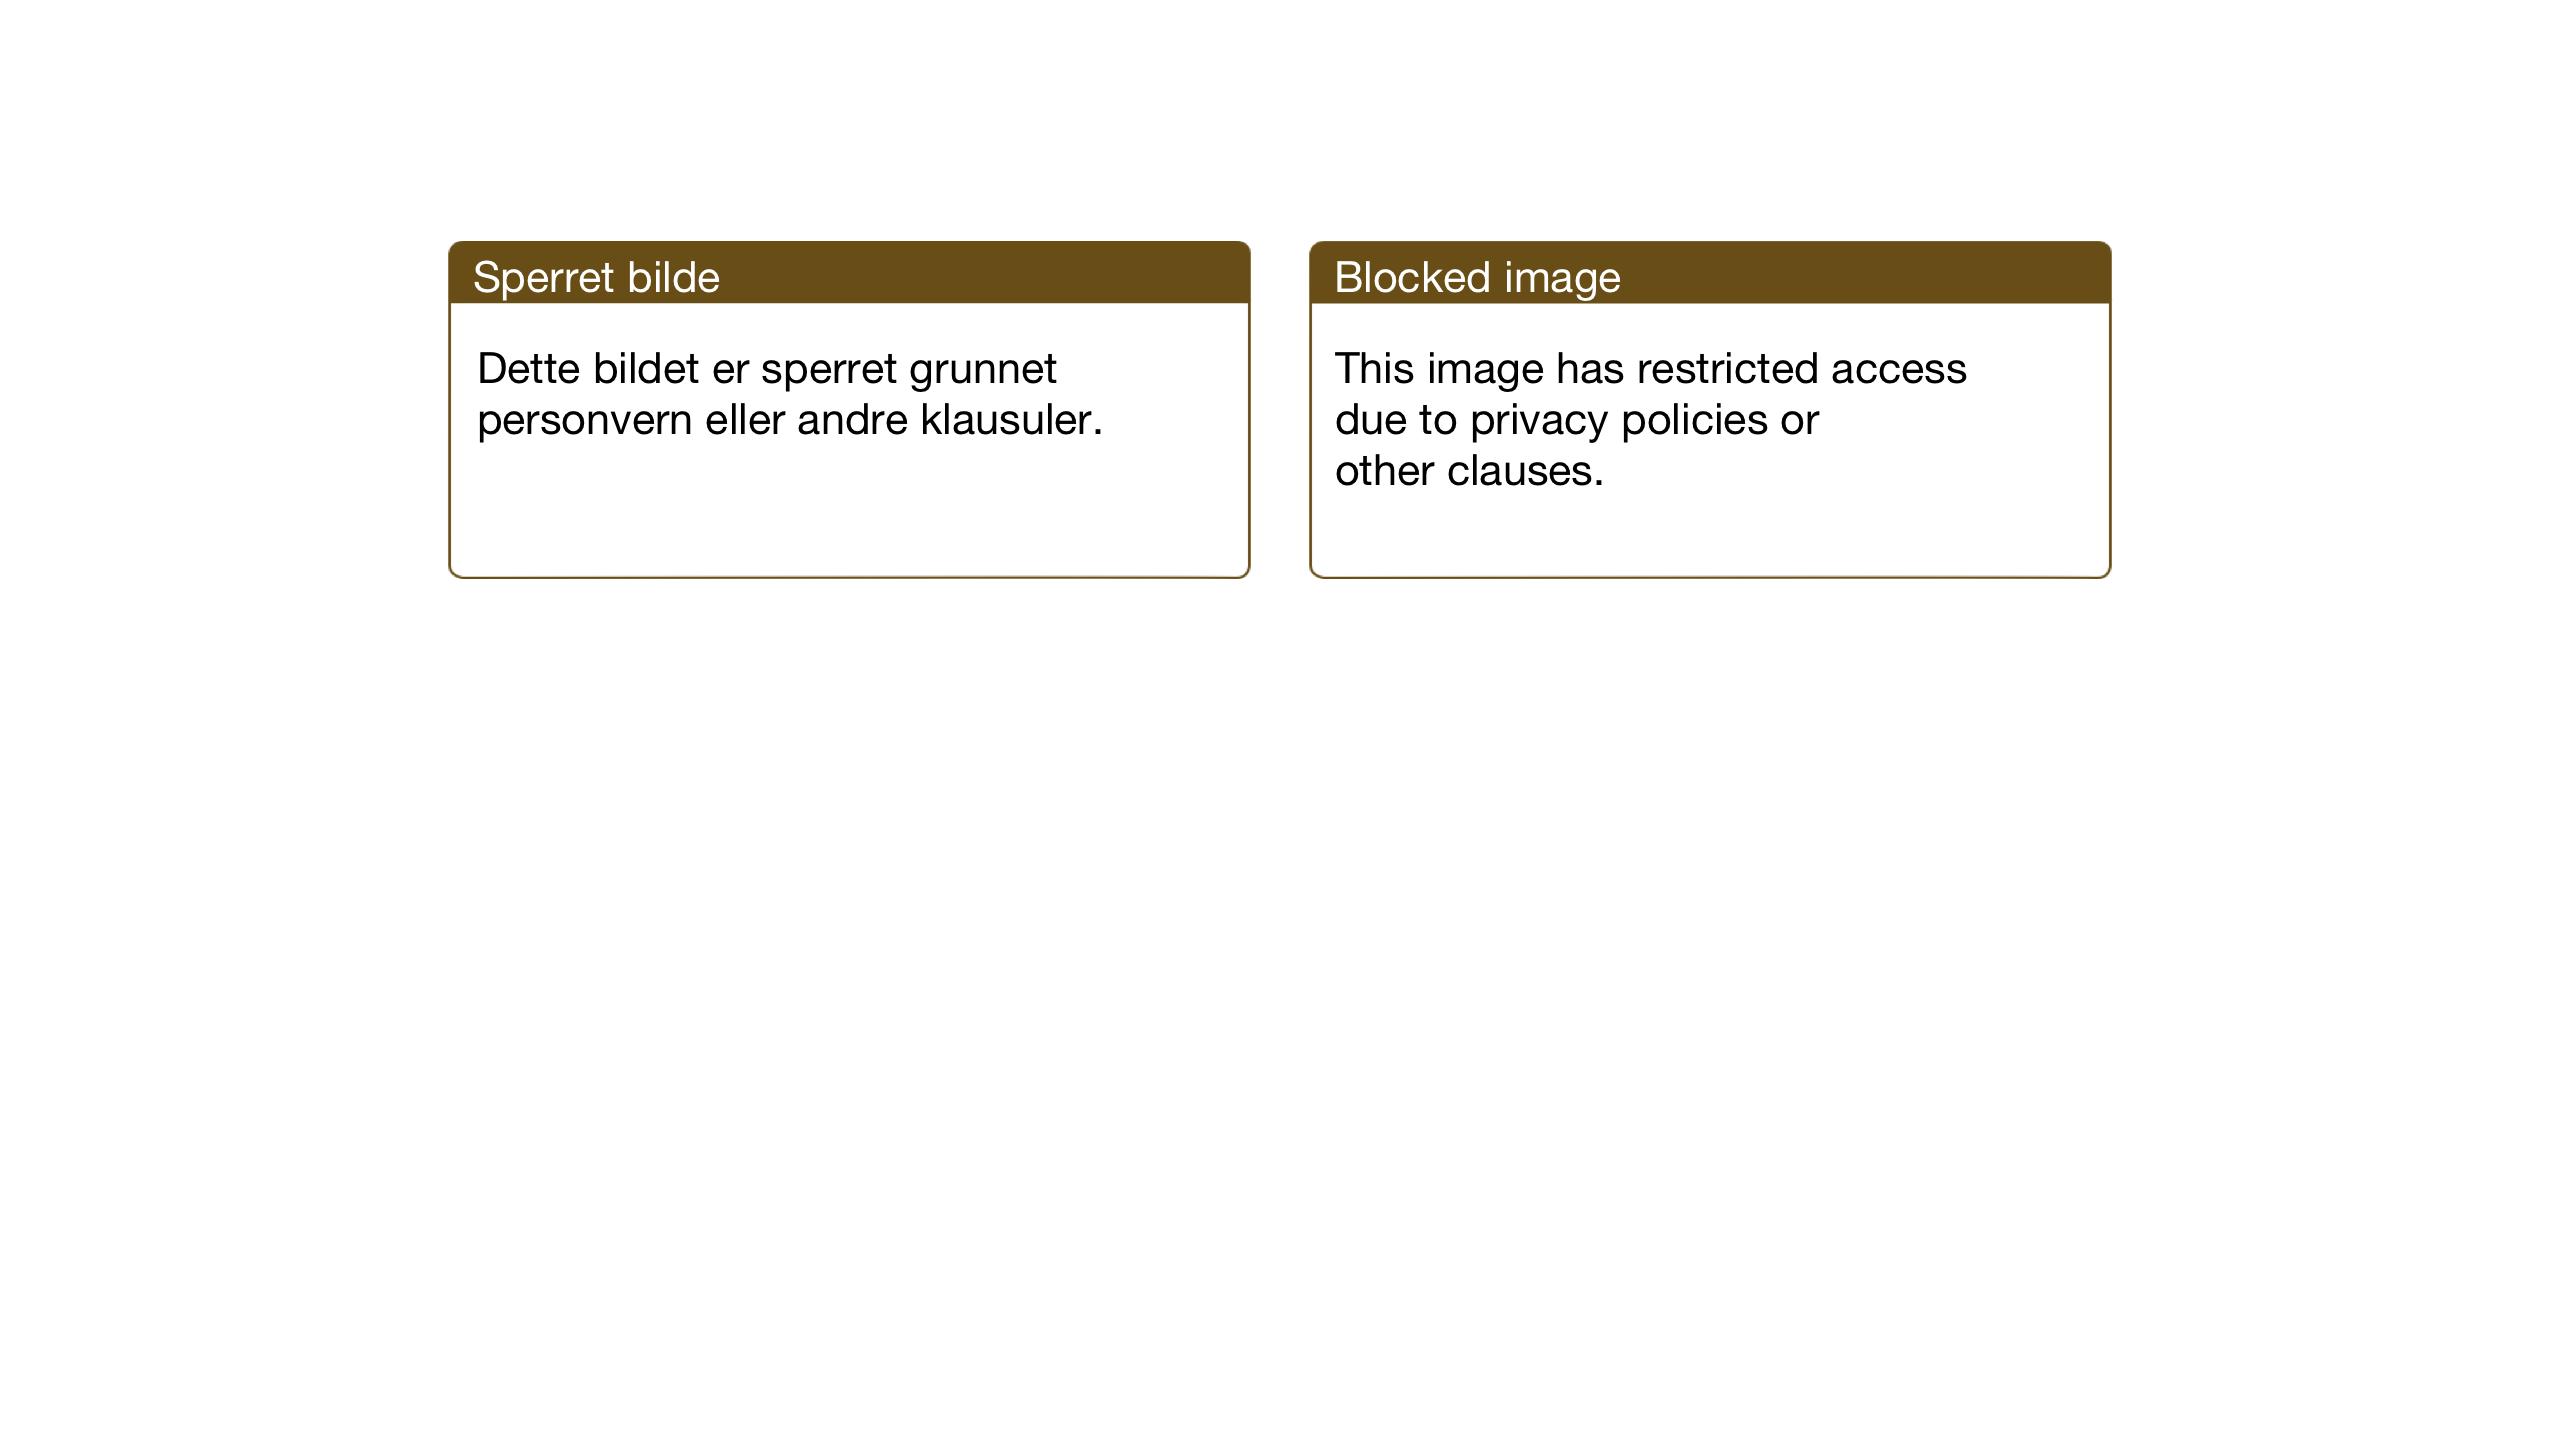 SAT, Ministerialprotokoller, klokkerbøker og fødselsregistre - Sør-Trøndelag, 605/L0248: Ministerialbok nr. 605A10, 1920-1937, s. 216